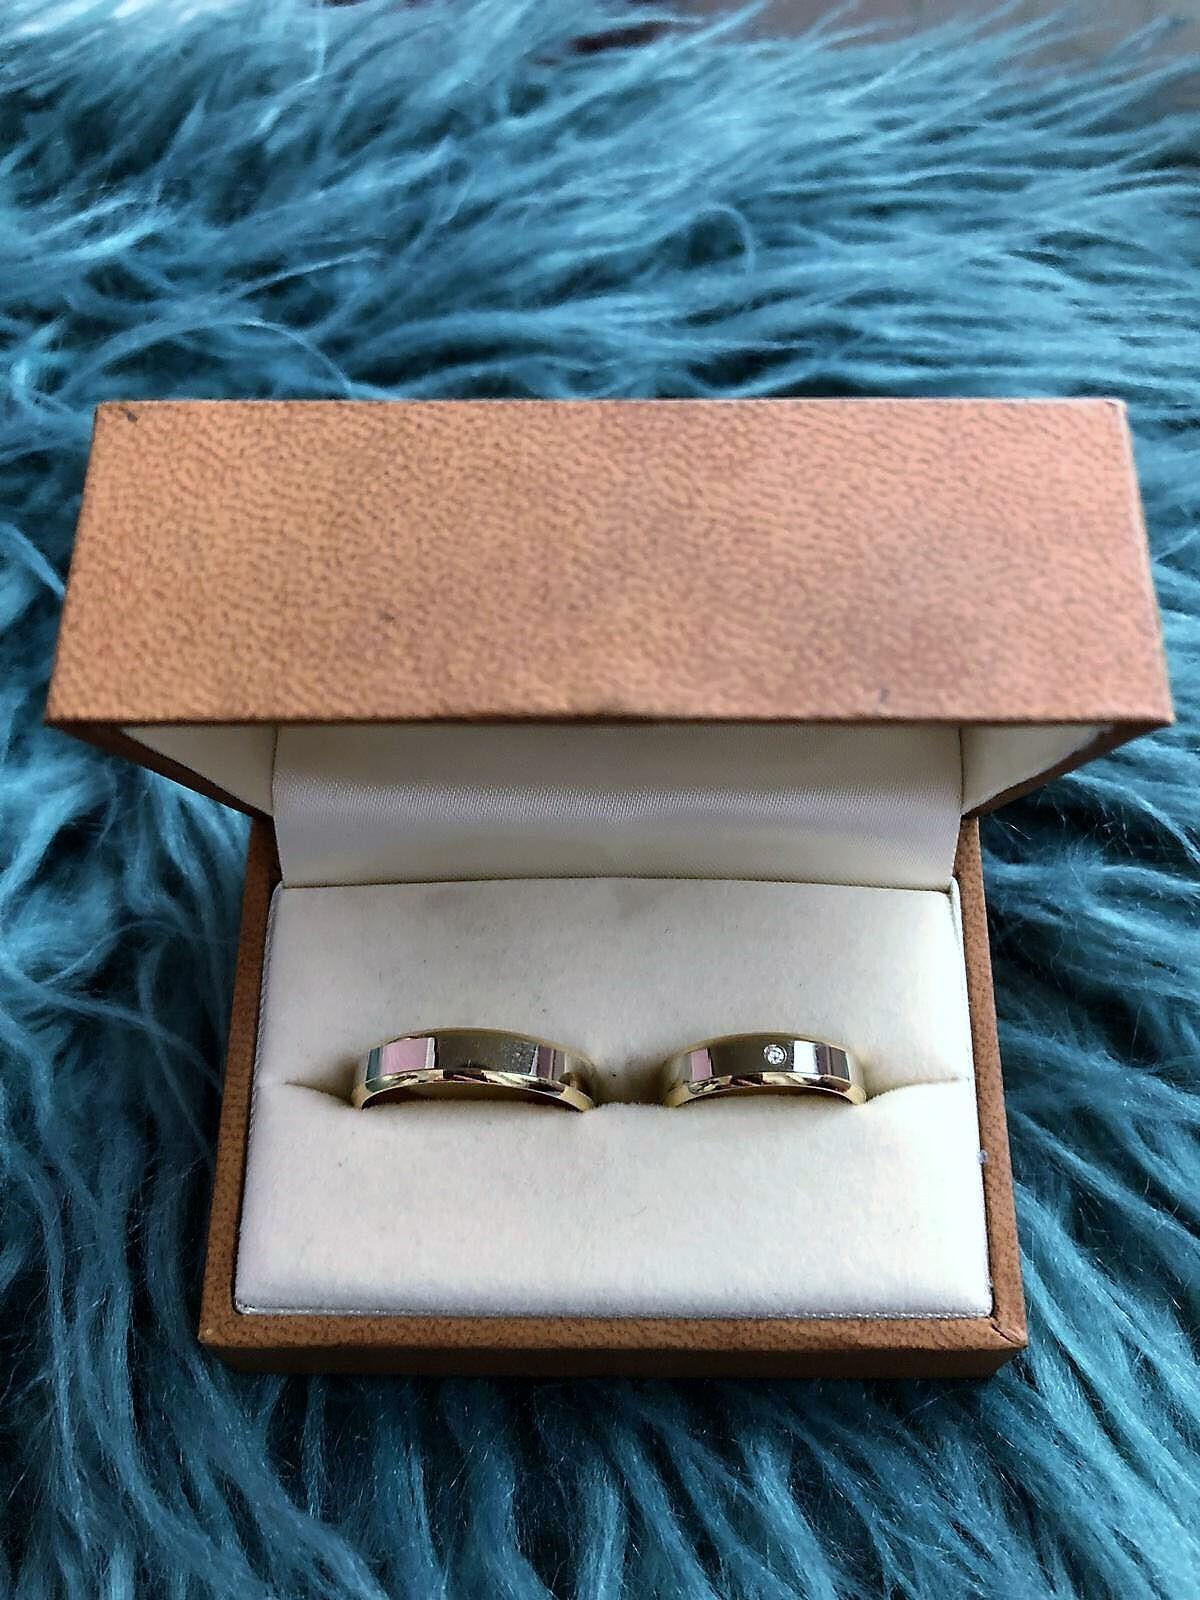 Pánský snubní prstýnek  - Obrázek č. 1